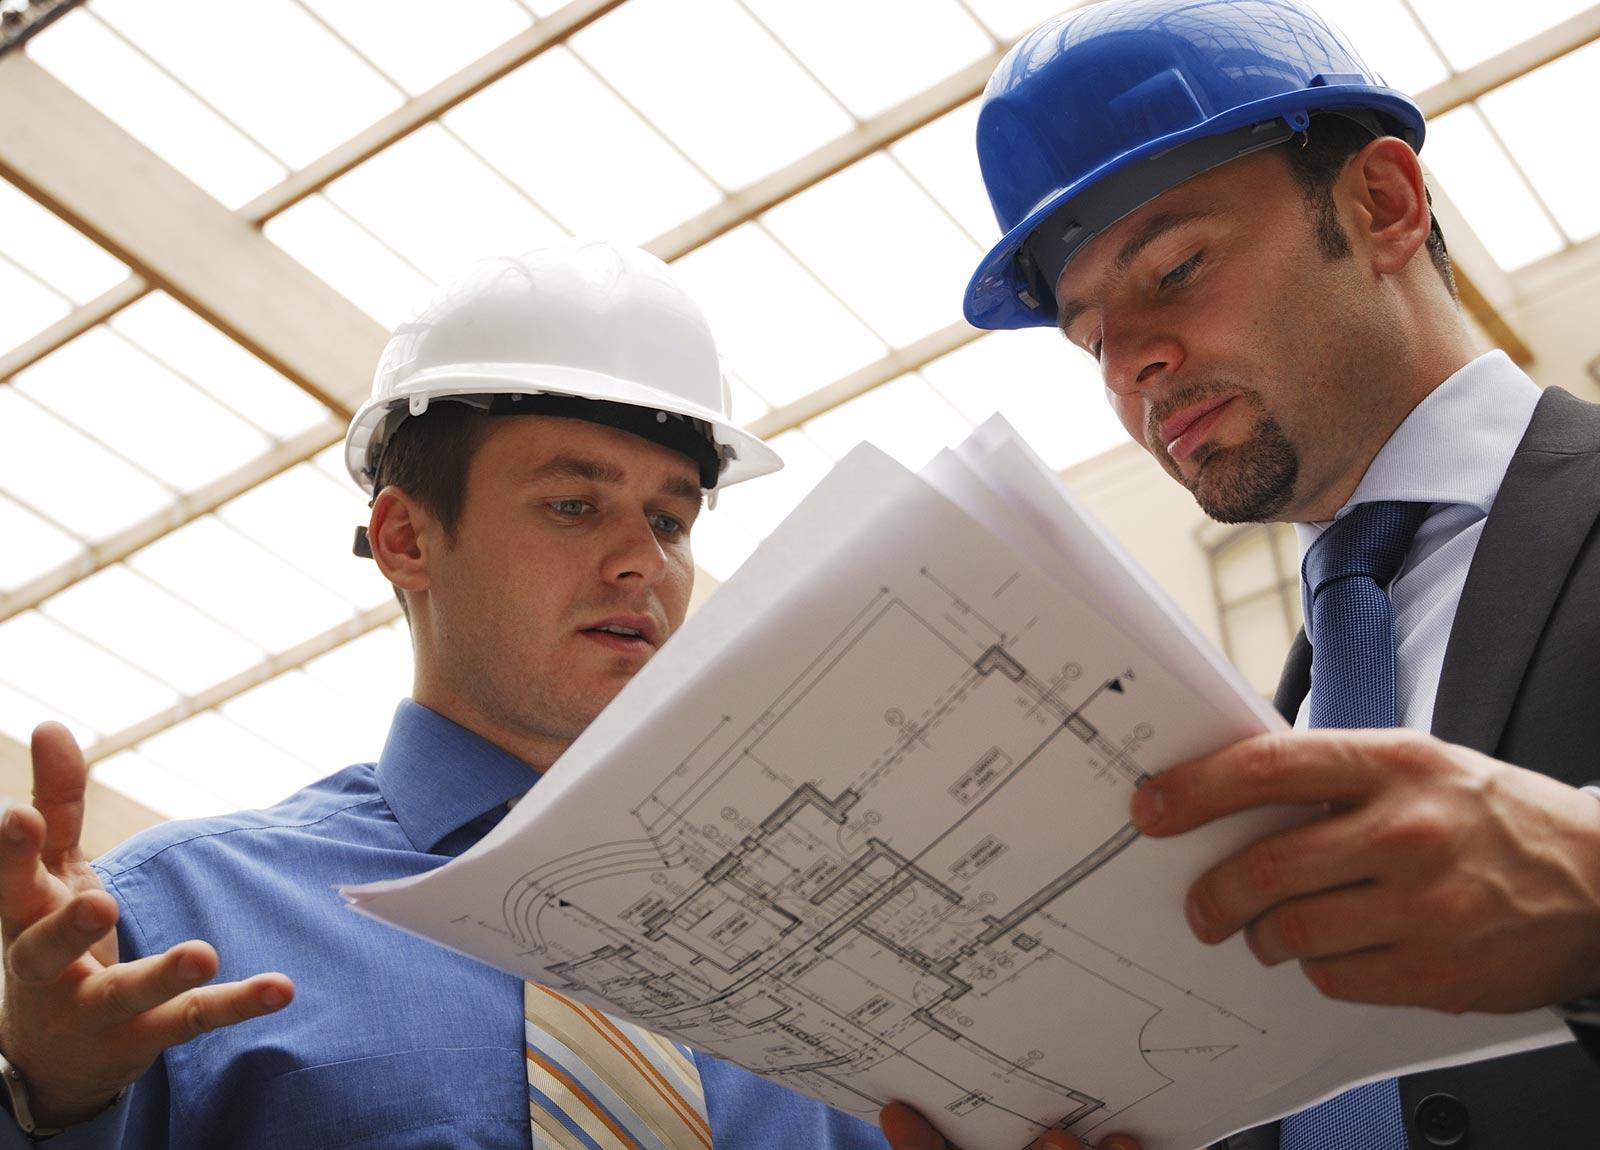 Картинки по запросу заказчики строительных работ